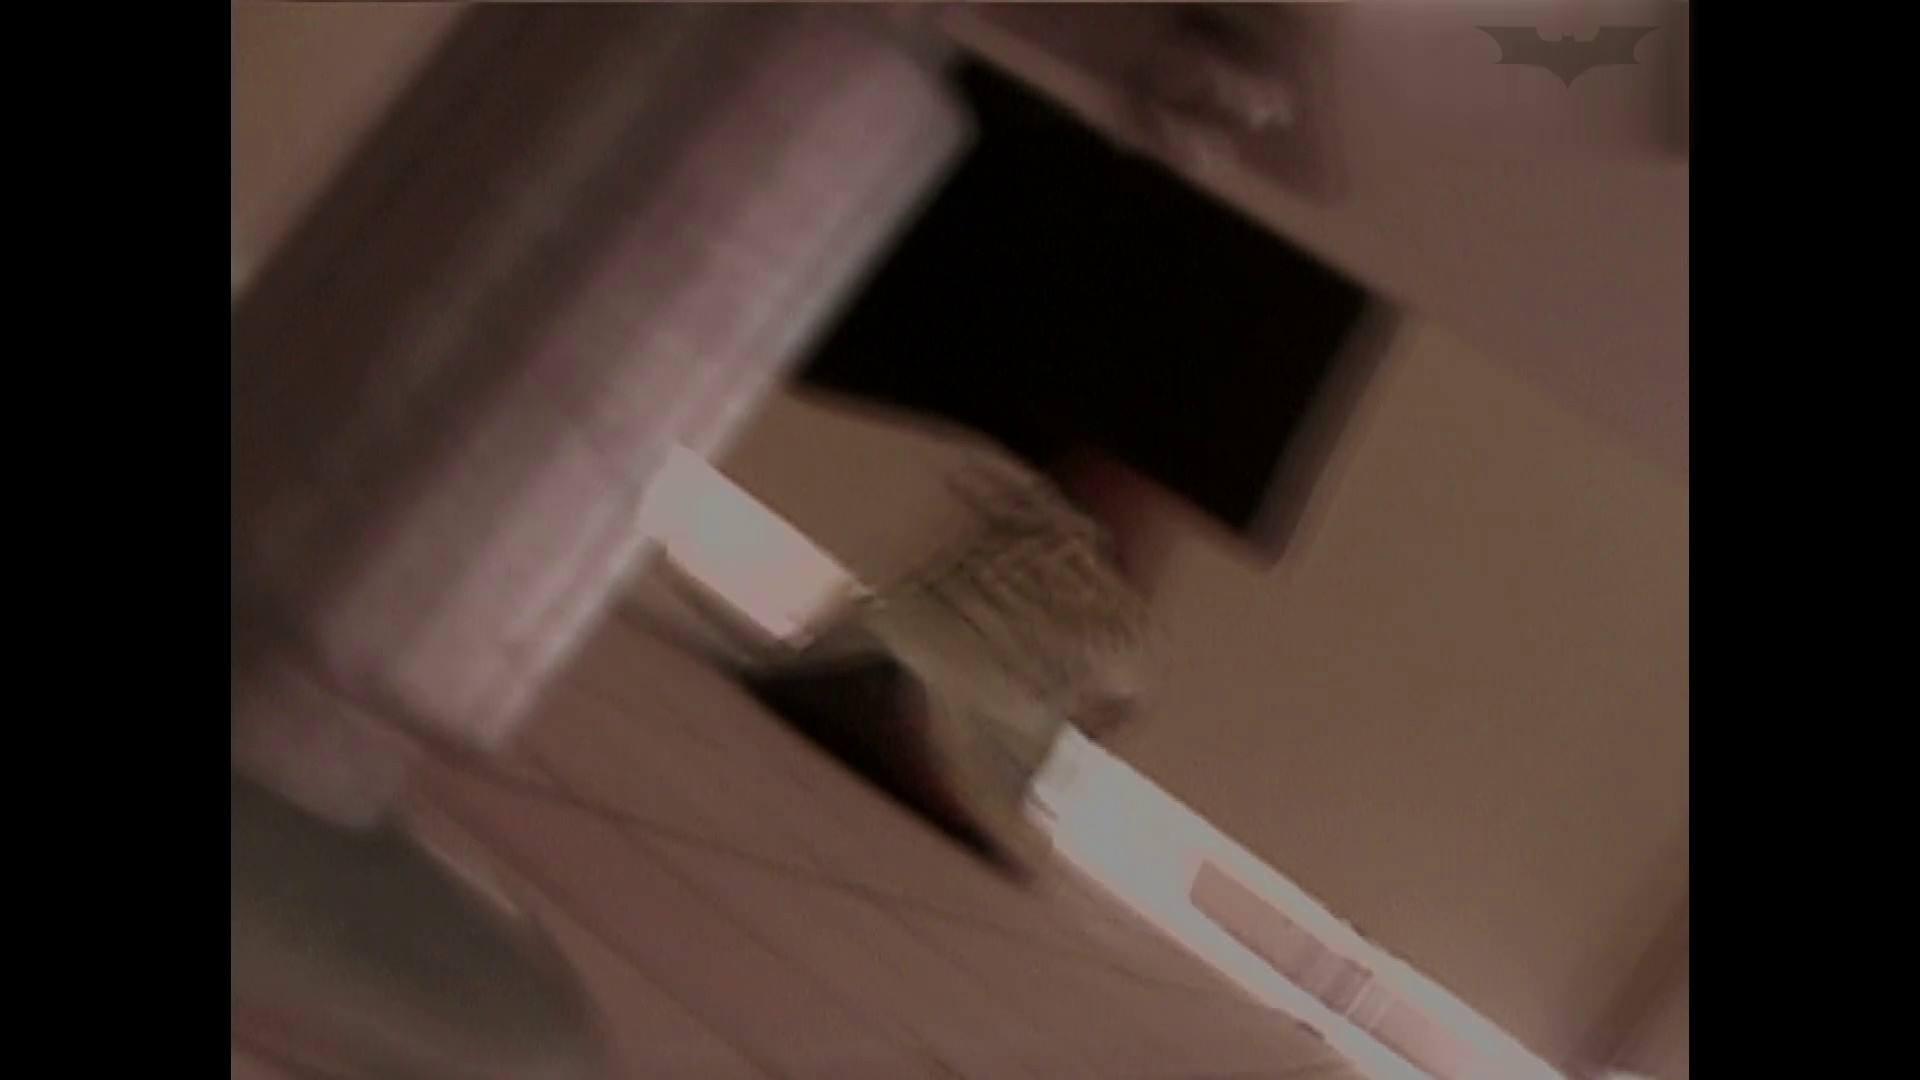 ●生マンコ綺麗にツルぴかですね 期間限定神キタ!ツルピカの放nyo!Vol.20 マンコ ワレメ無修正動画無料 99pic 3